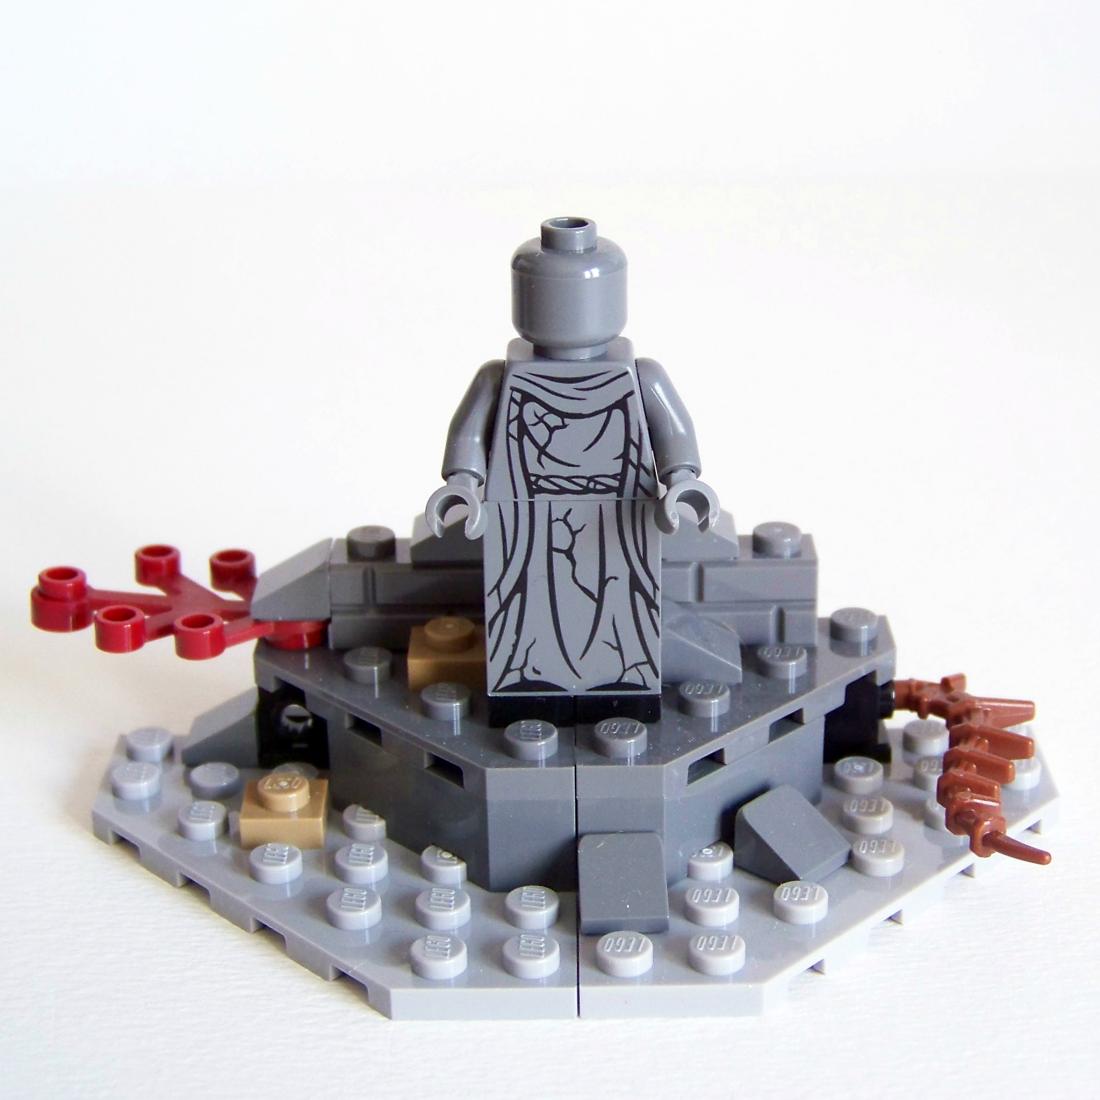 Dol Guldur Battle 79104 statue